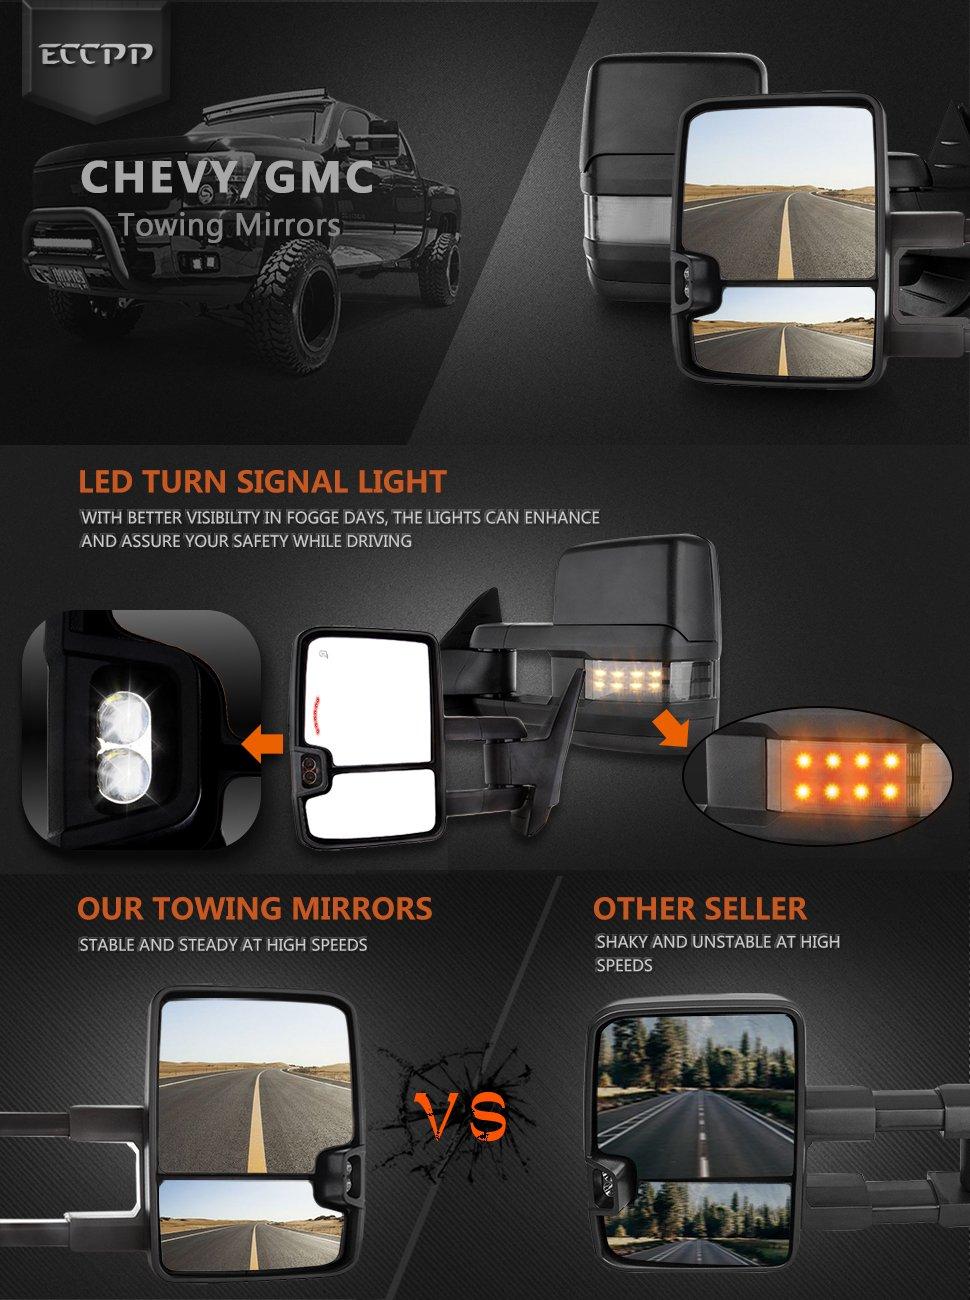 Eccpp 2014 2017 Chevy Silverado Gmc Sierra Pickup Towing 2007 Mirror Wiring Product Description